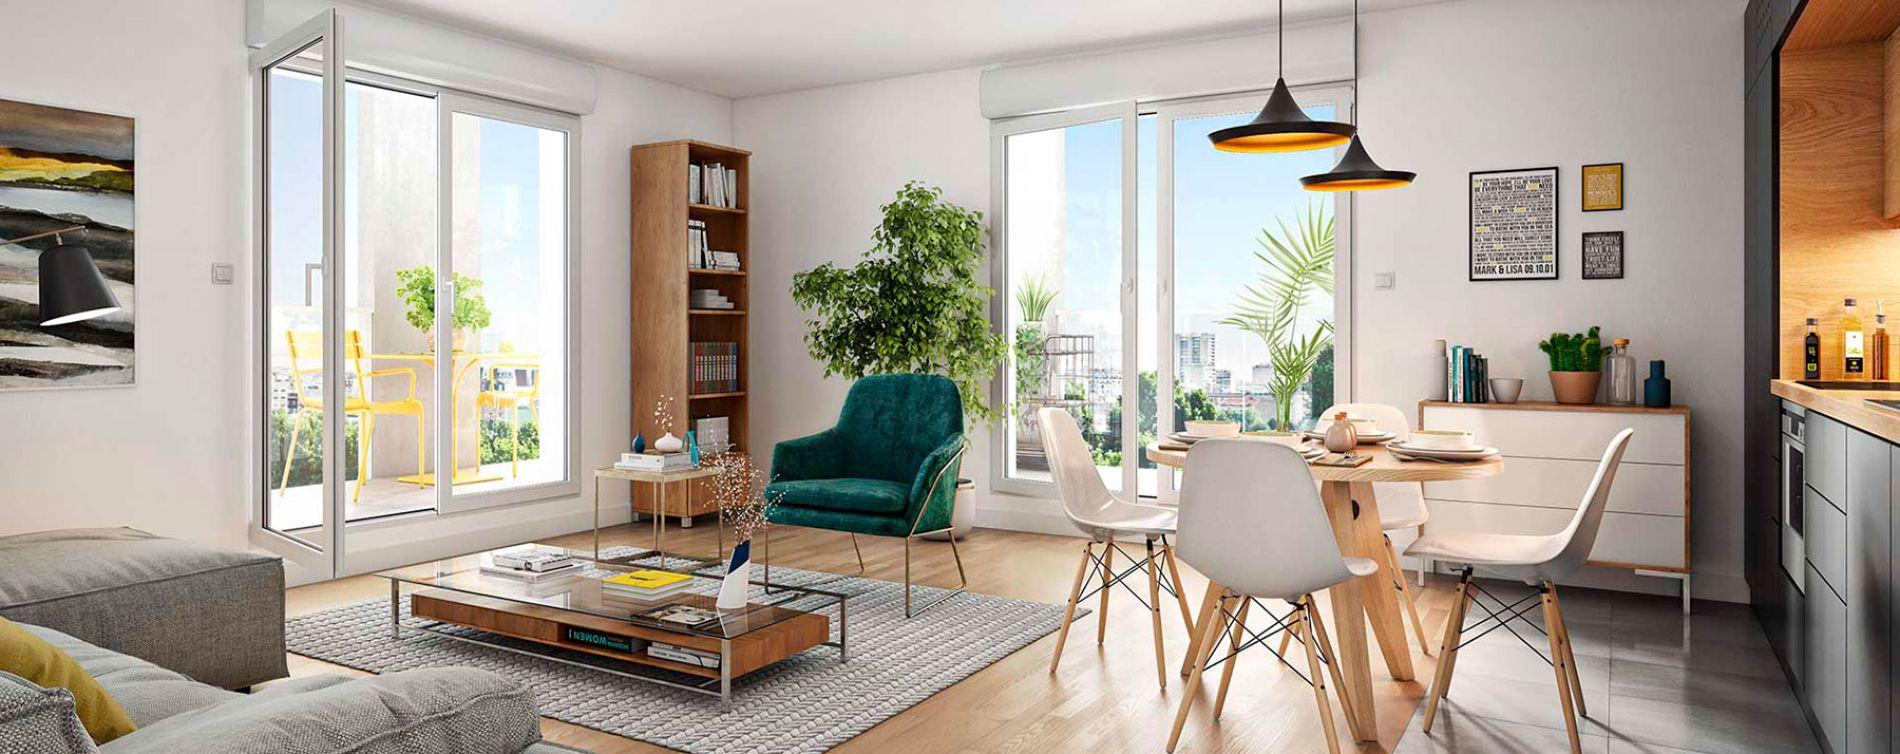 Asnières-sur-Seine : programme immobilier neuve « Promenade Manet » (4)